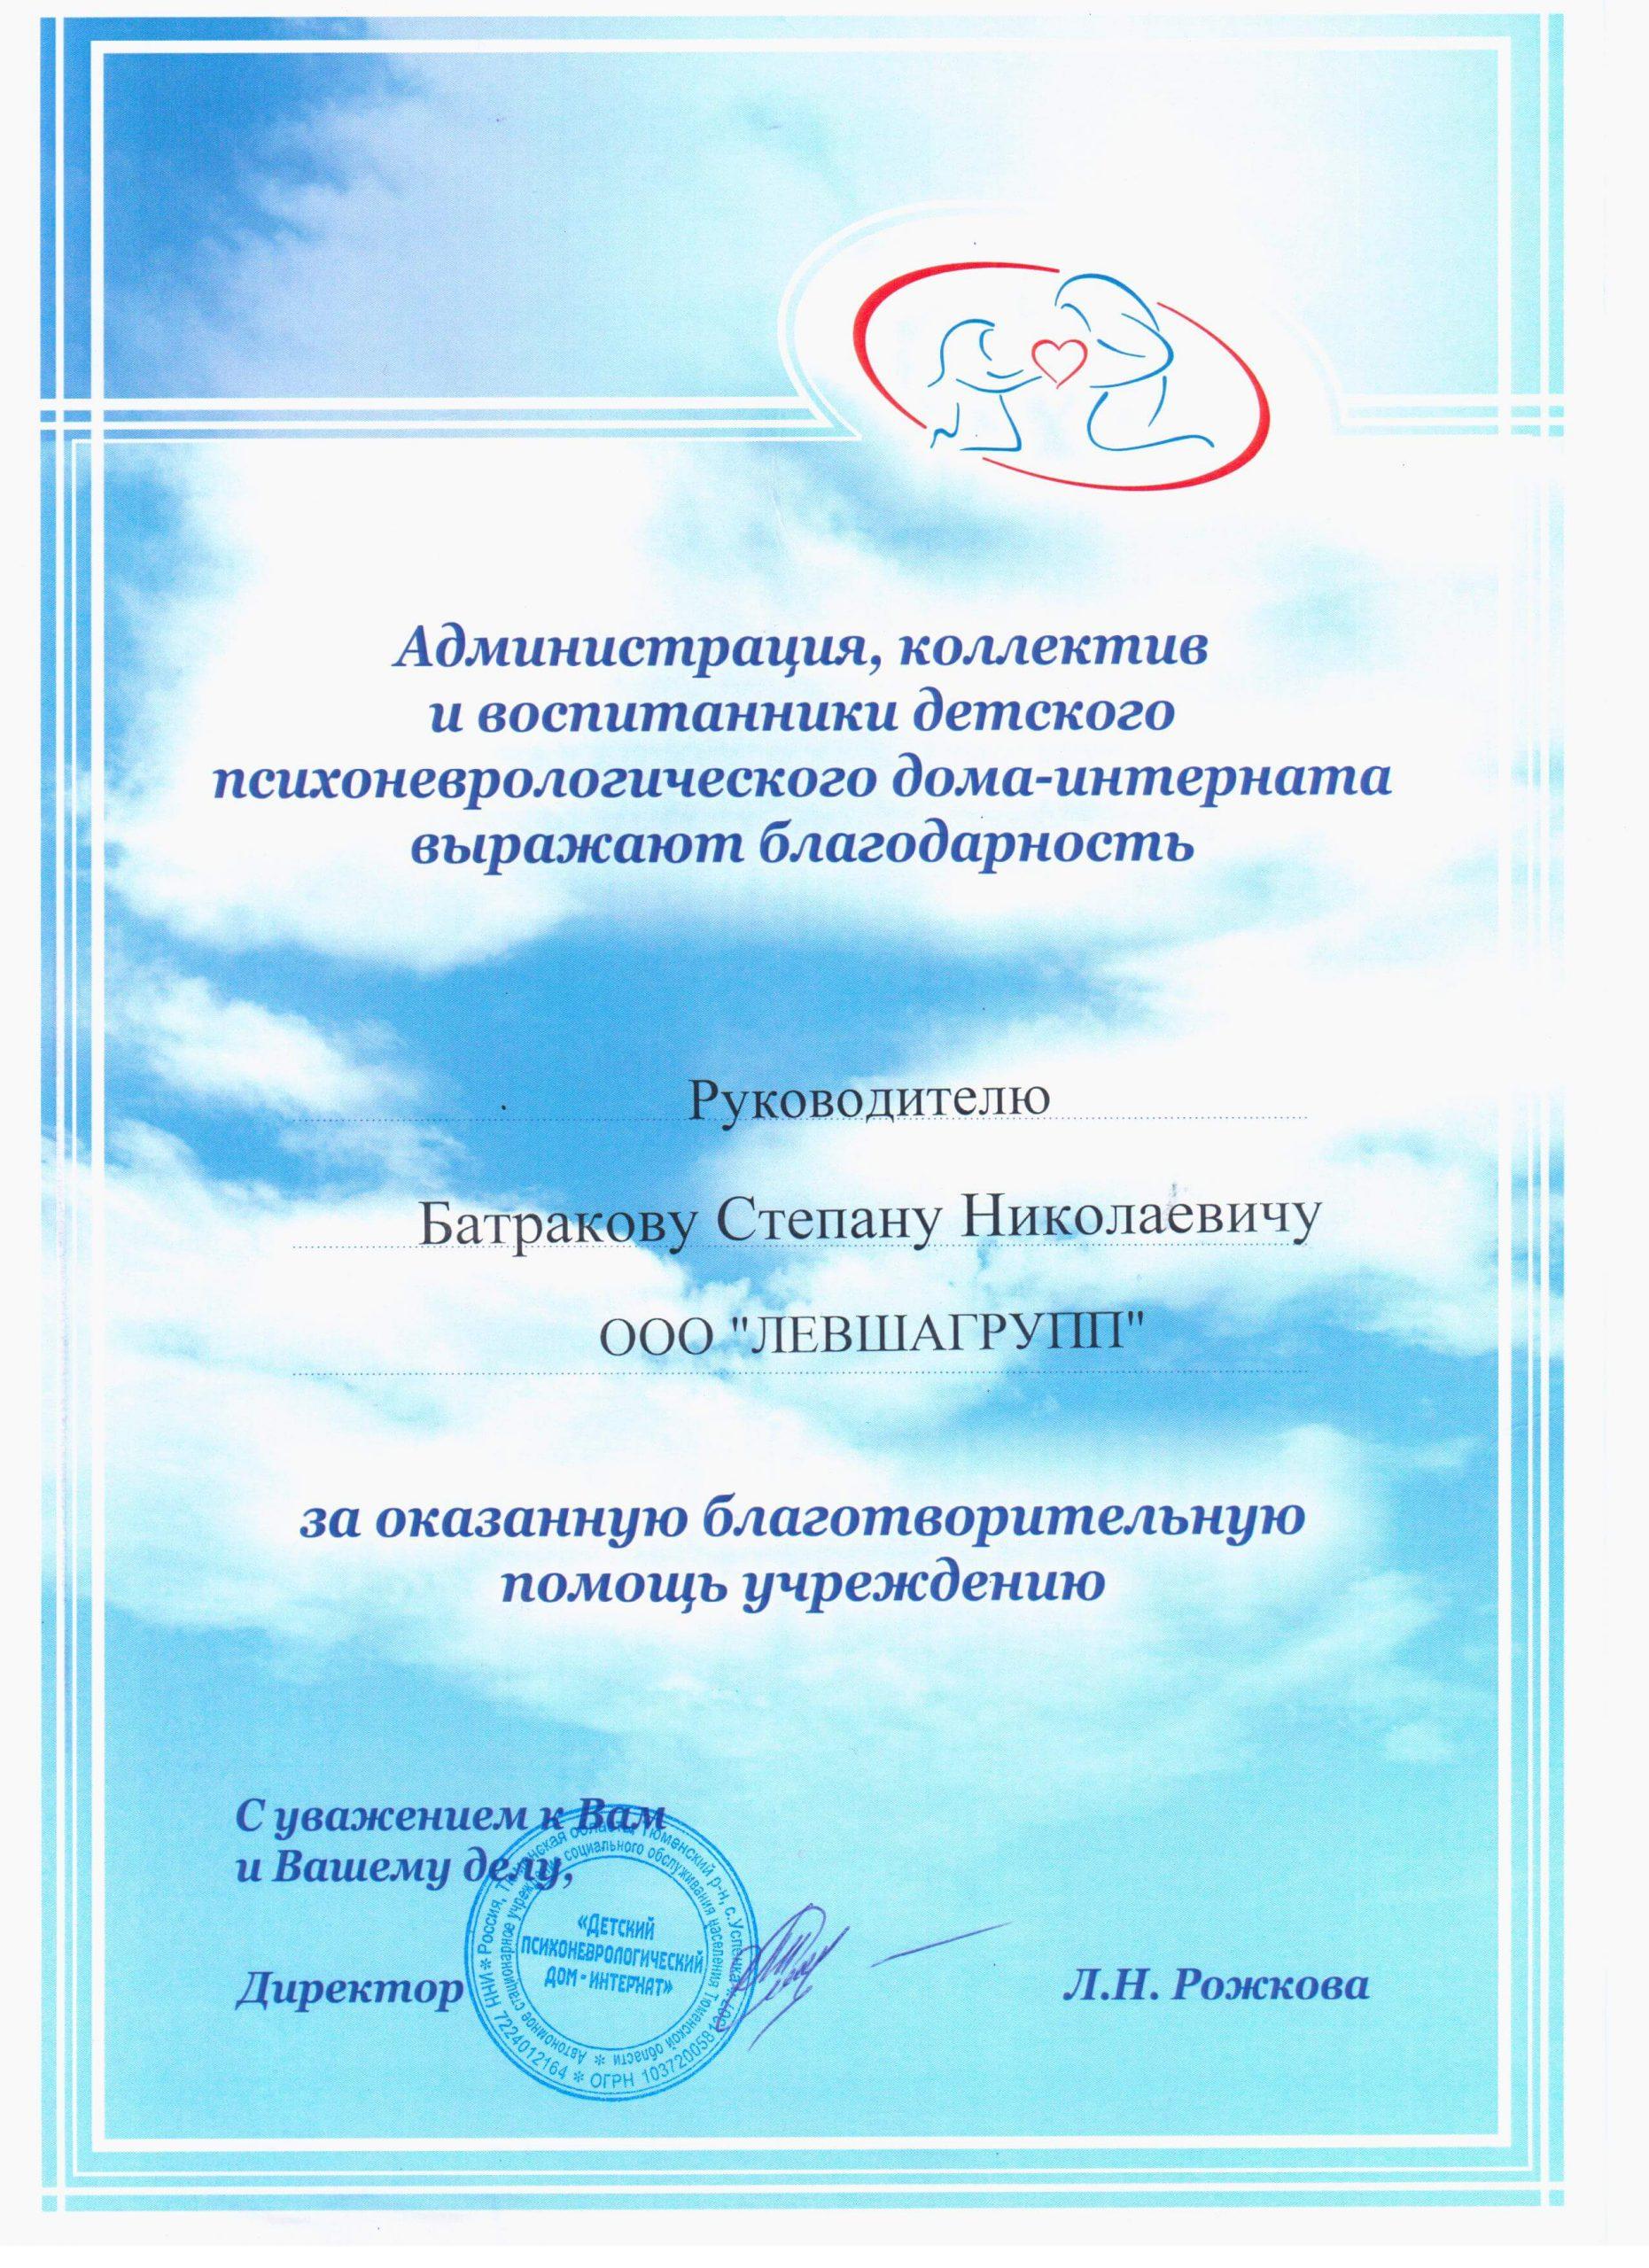 дизайн интерьеров Тюмень ЛевшаГрупп сертификат благодарность